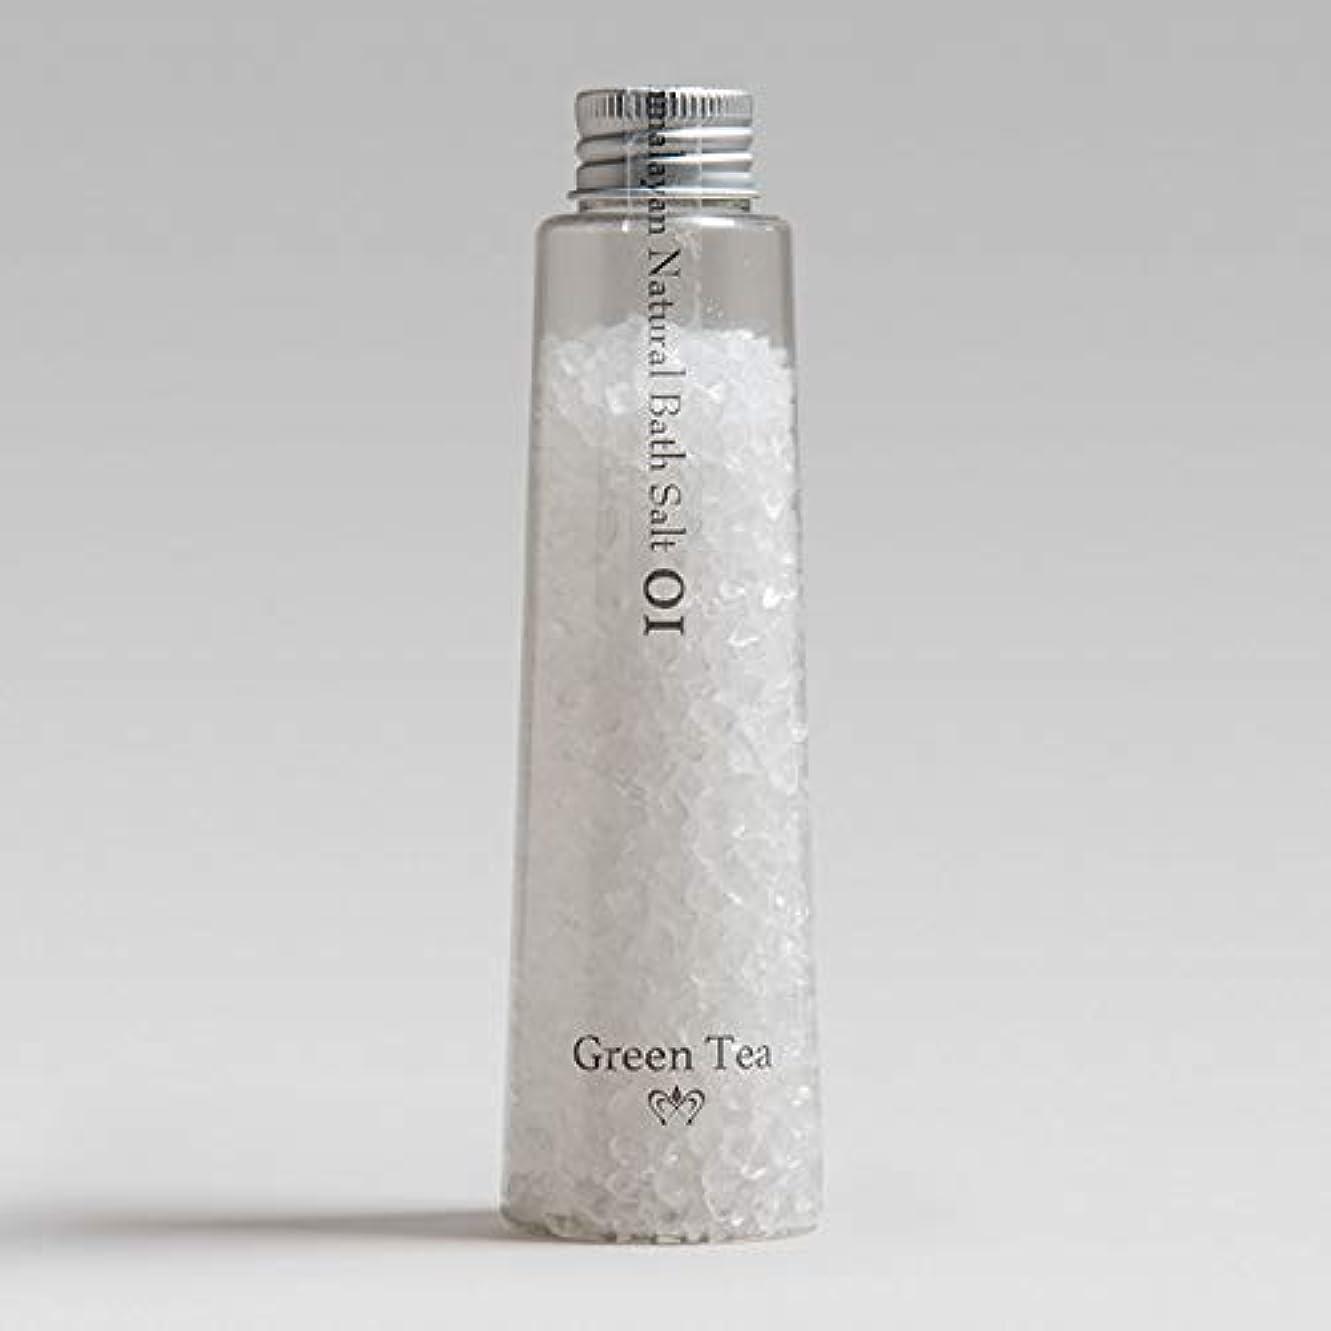 反対する十二マナーROSEBAY アロマバスソルト ボトルタイプ170g グリーンティー